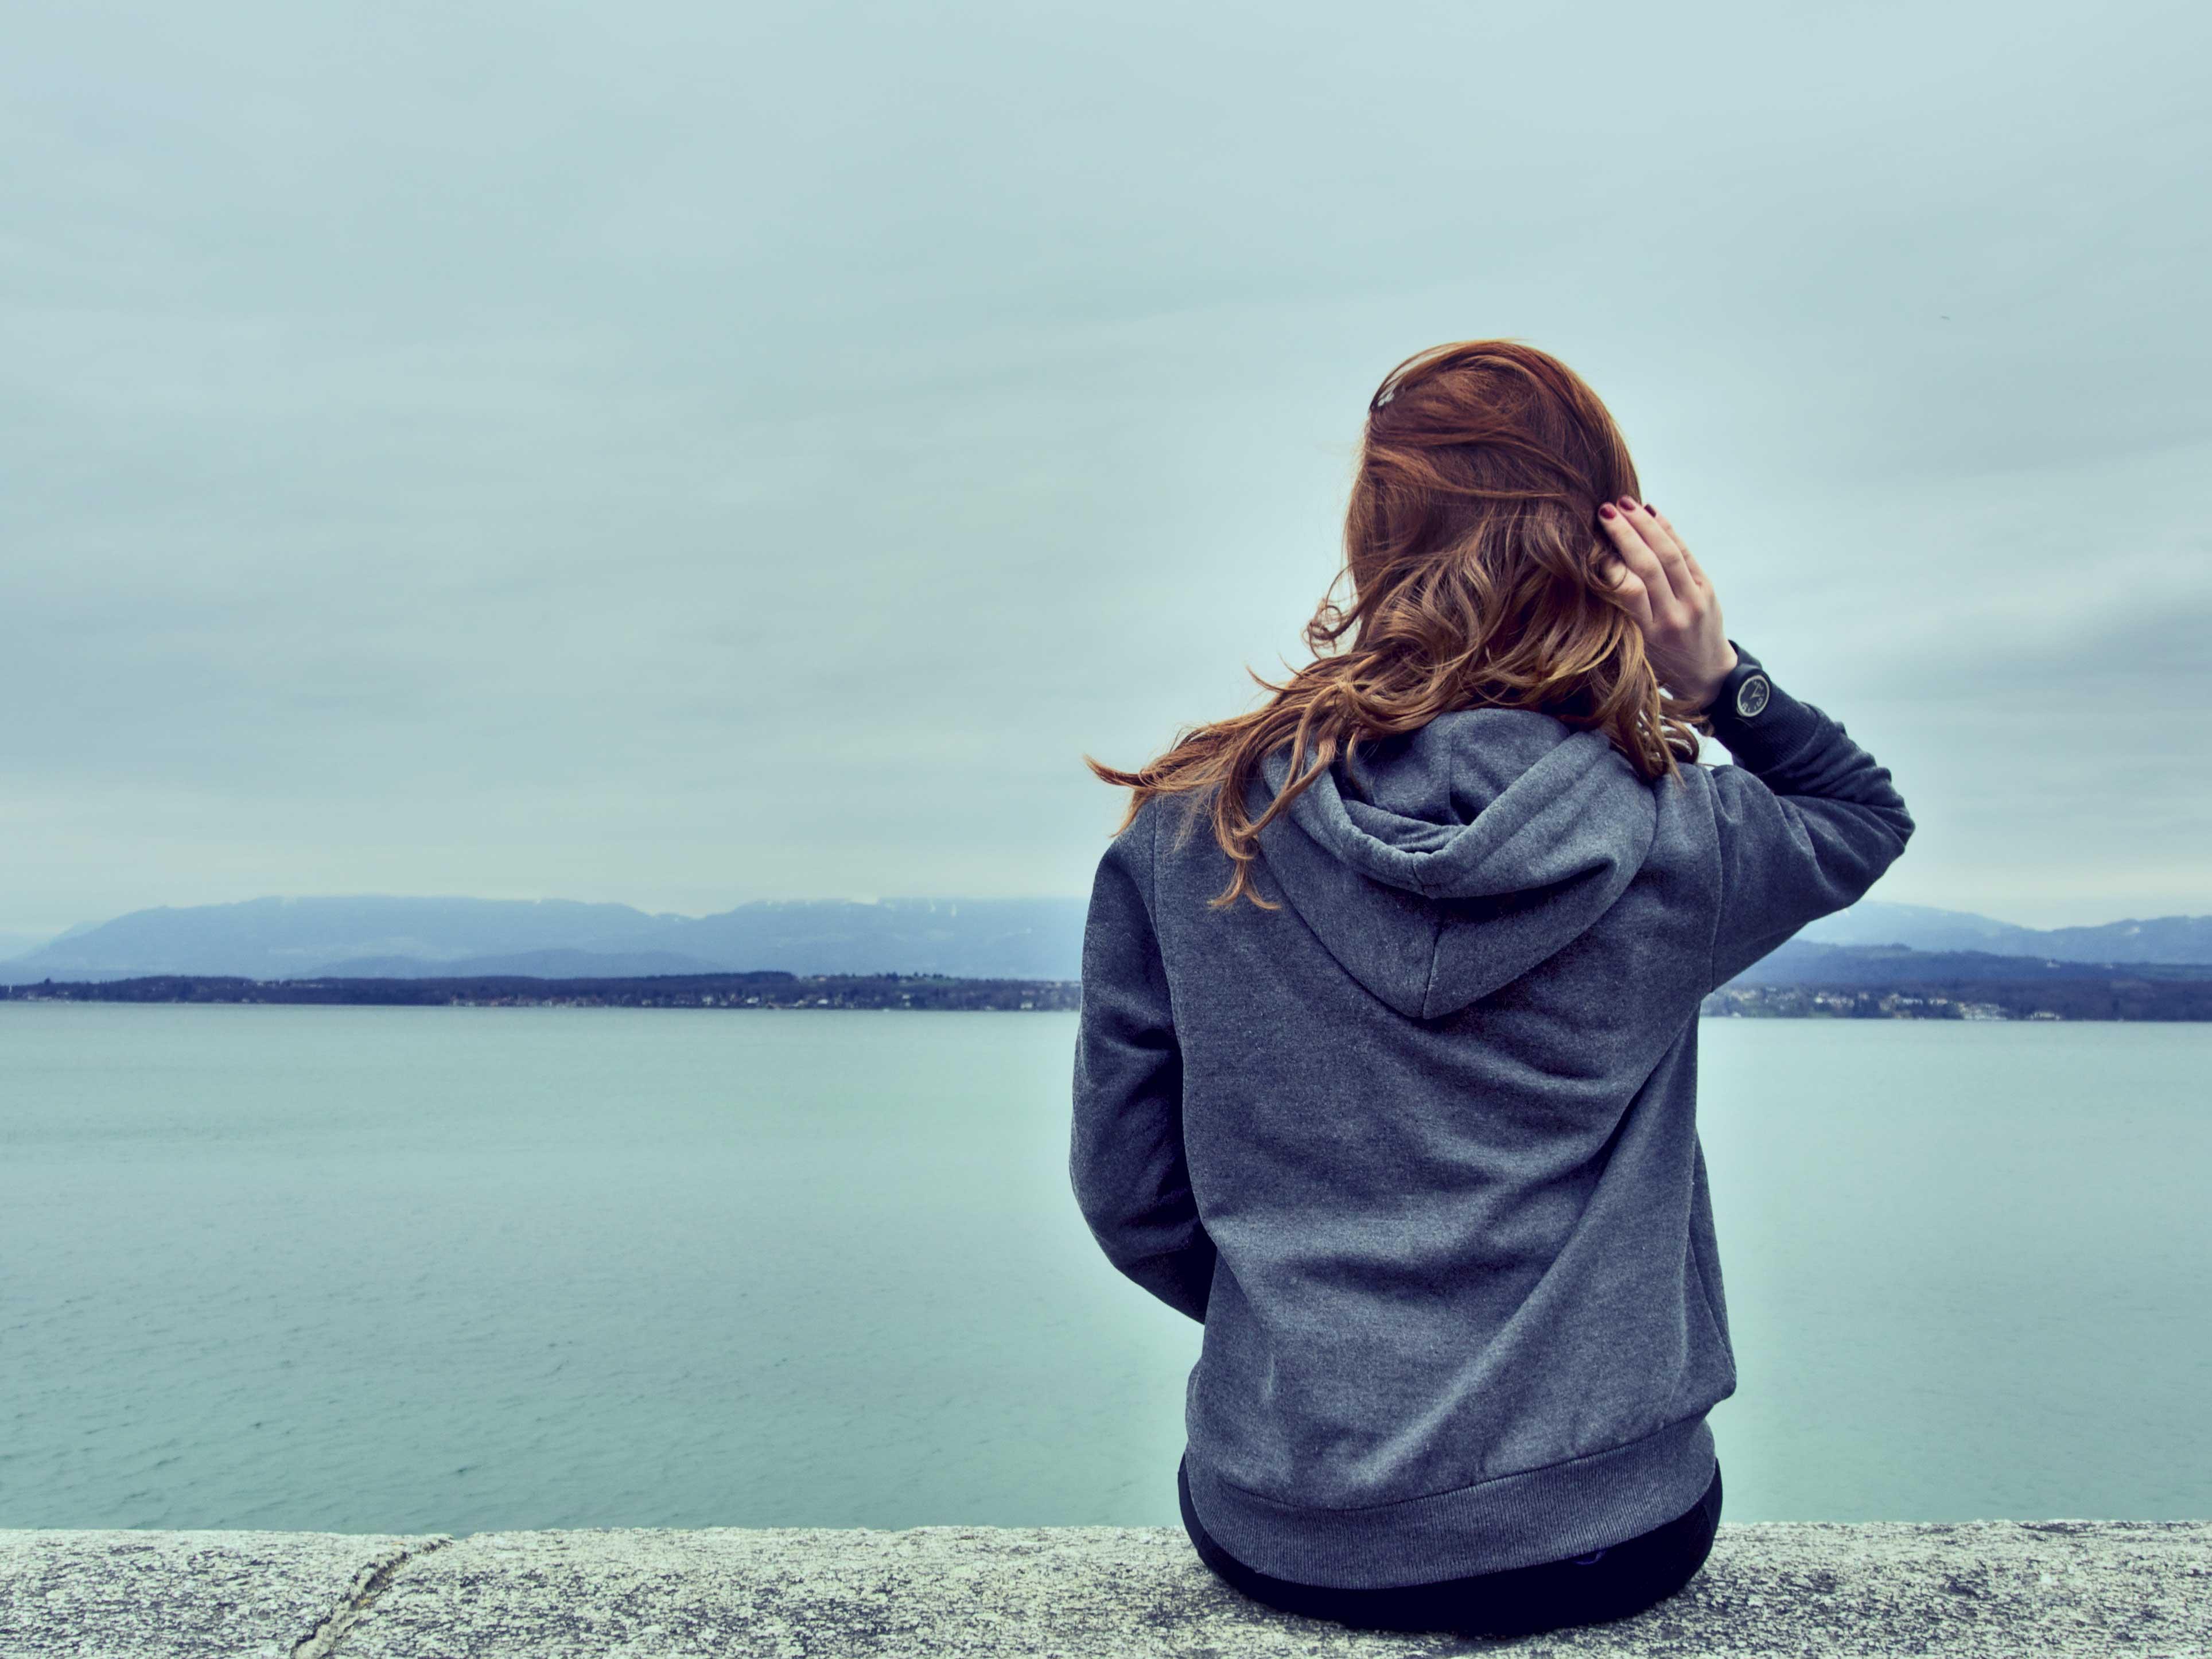 عکس دختر عاشق لب ساحل دریا برای پروفایل